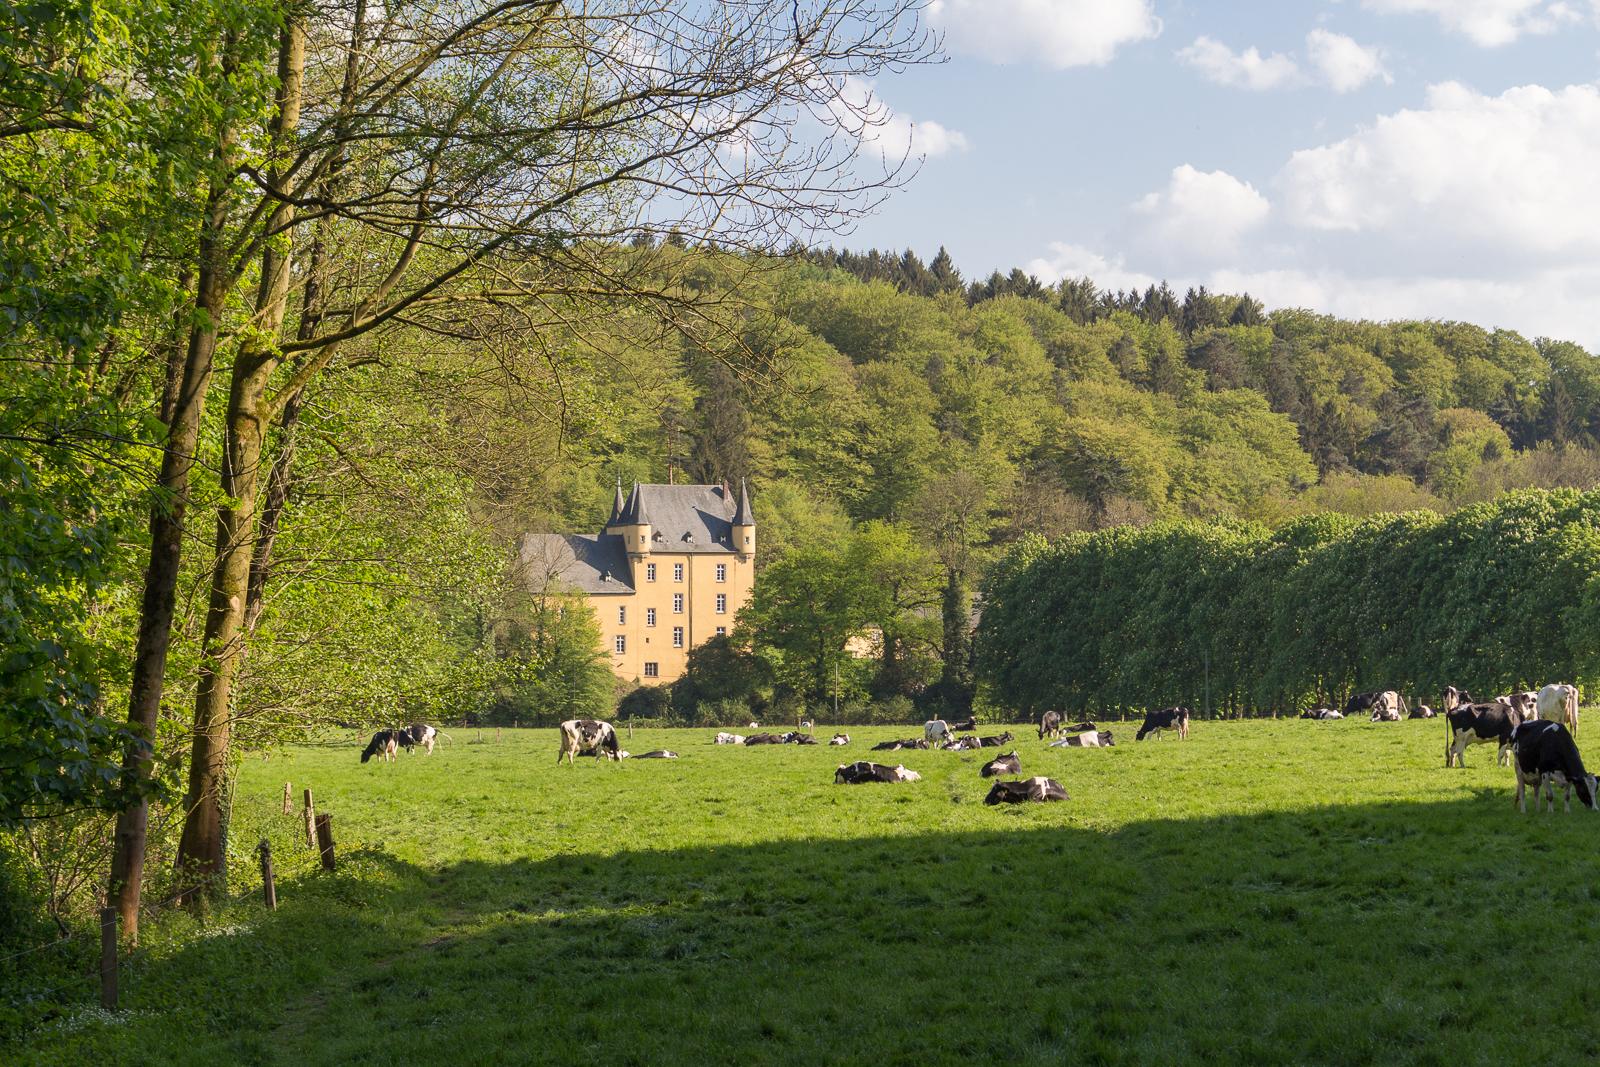 bergisches_land_cabriotour_ausflugstipps-3443